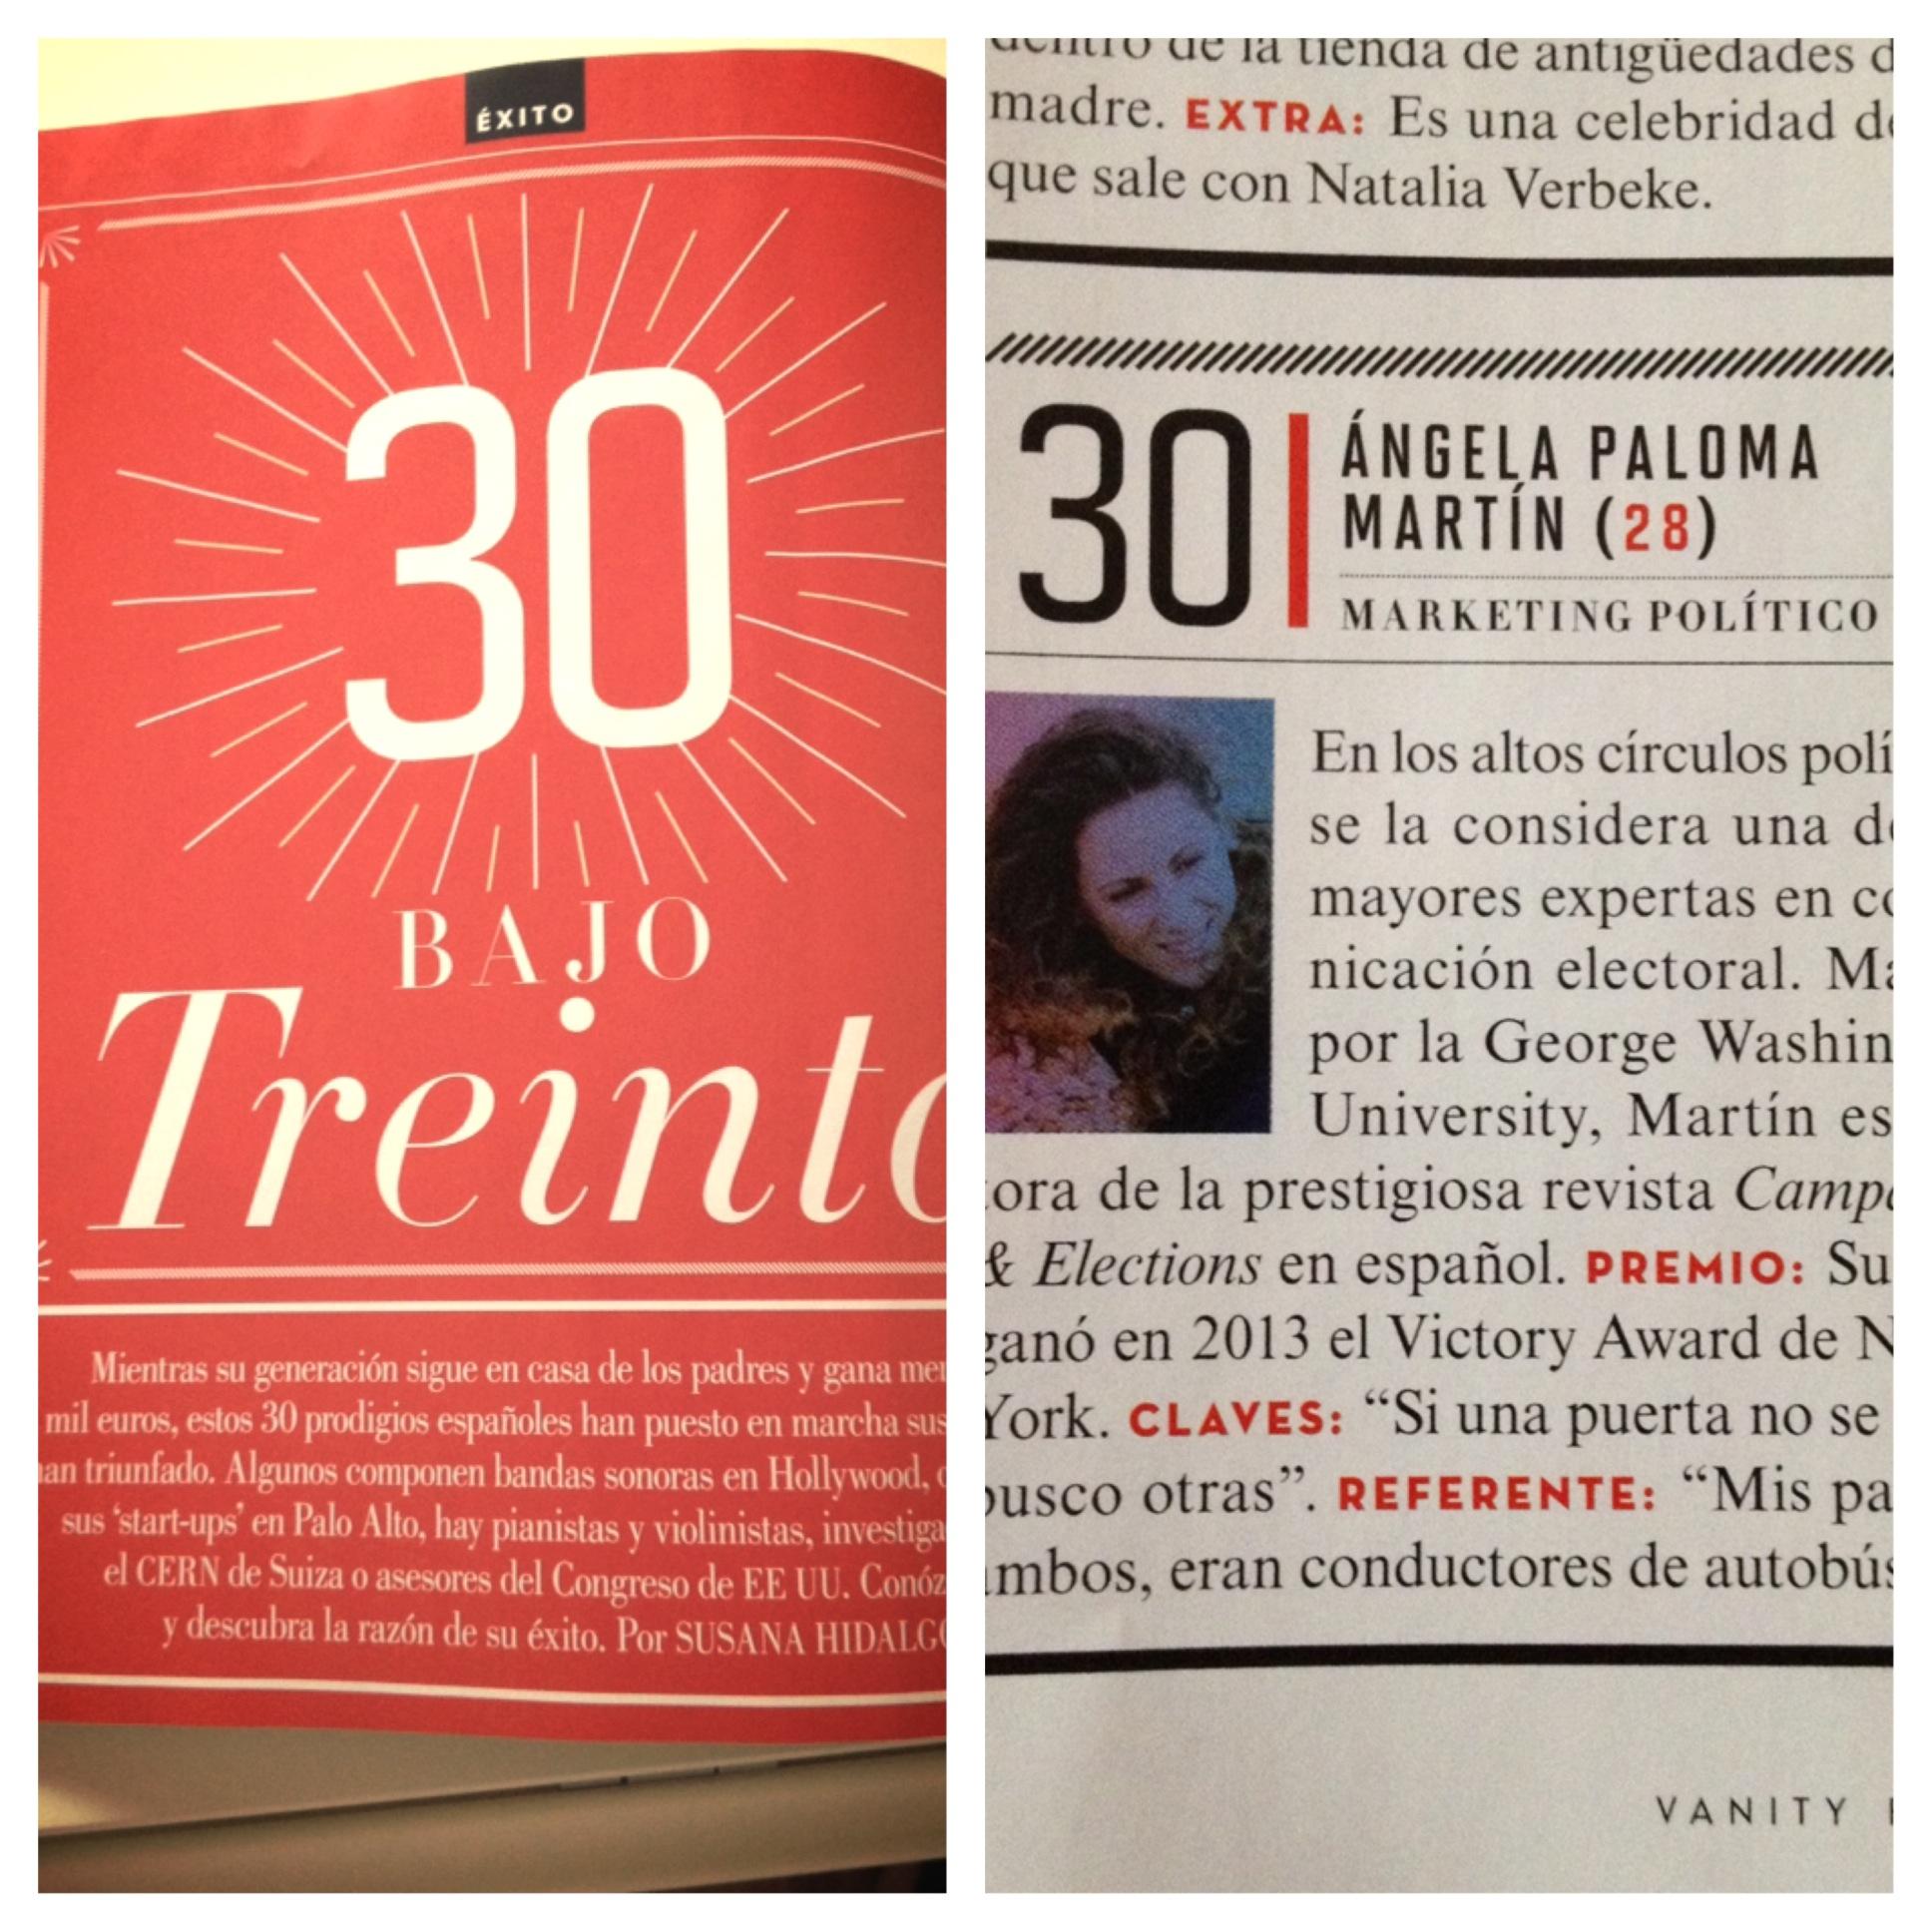 Reportaje de Vanity Fair. Por Susana Hidalgo. Págs. 72-77